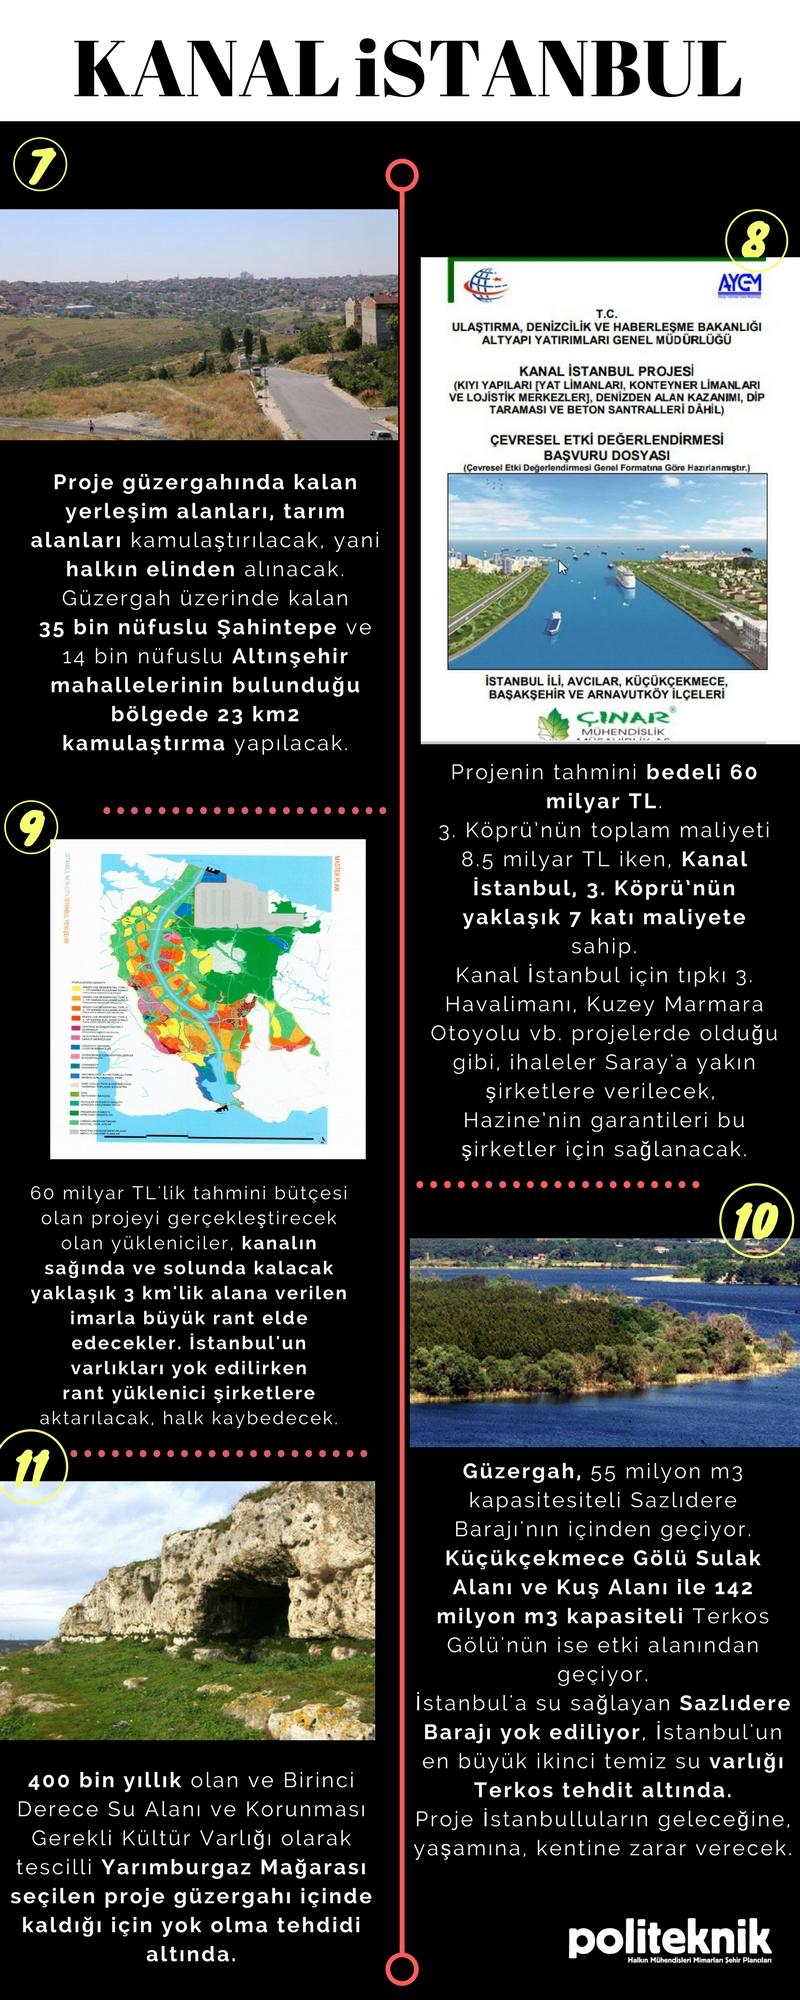 Madde madde Kanal İstanbul Projesi'nin İstanbul'a vereceği zararlar